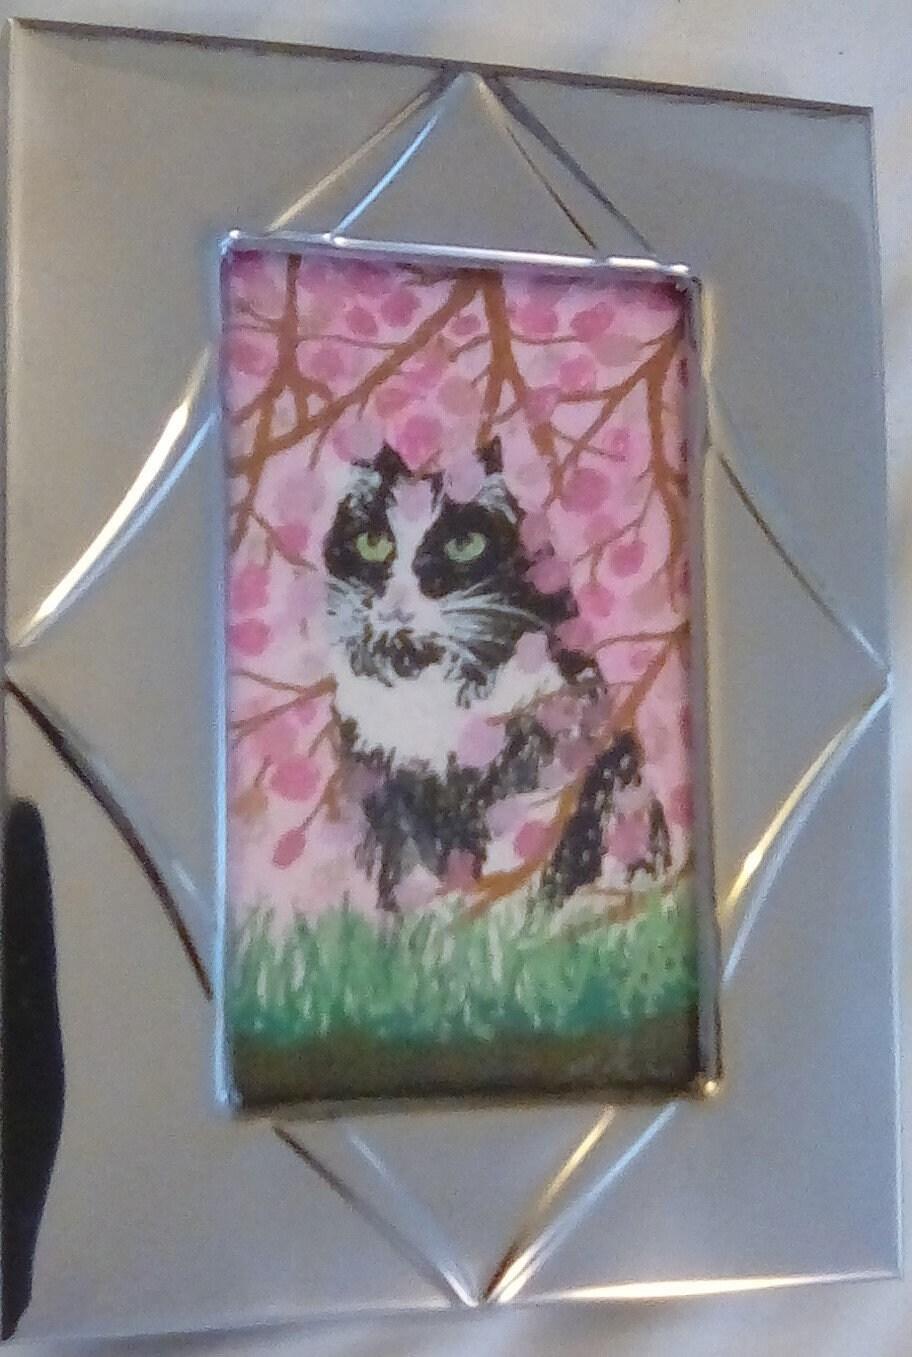 Cat Miniature Original Artwork 2x3 in 3x4 Frame Watercolor